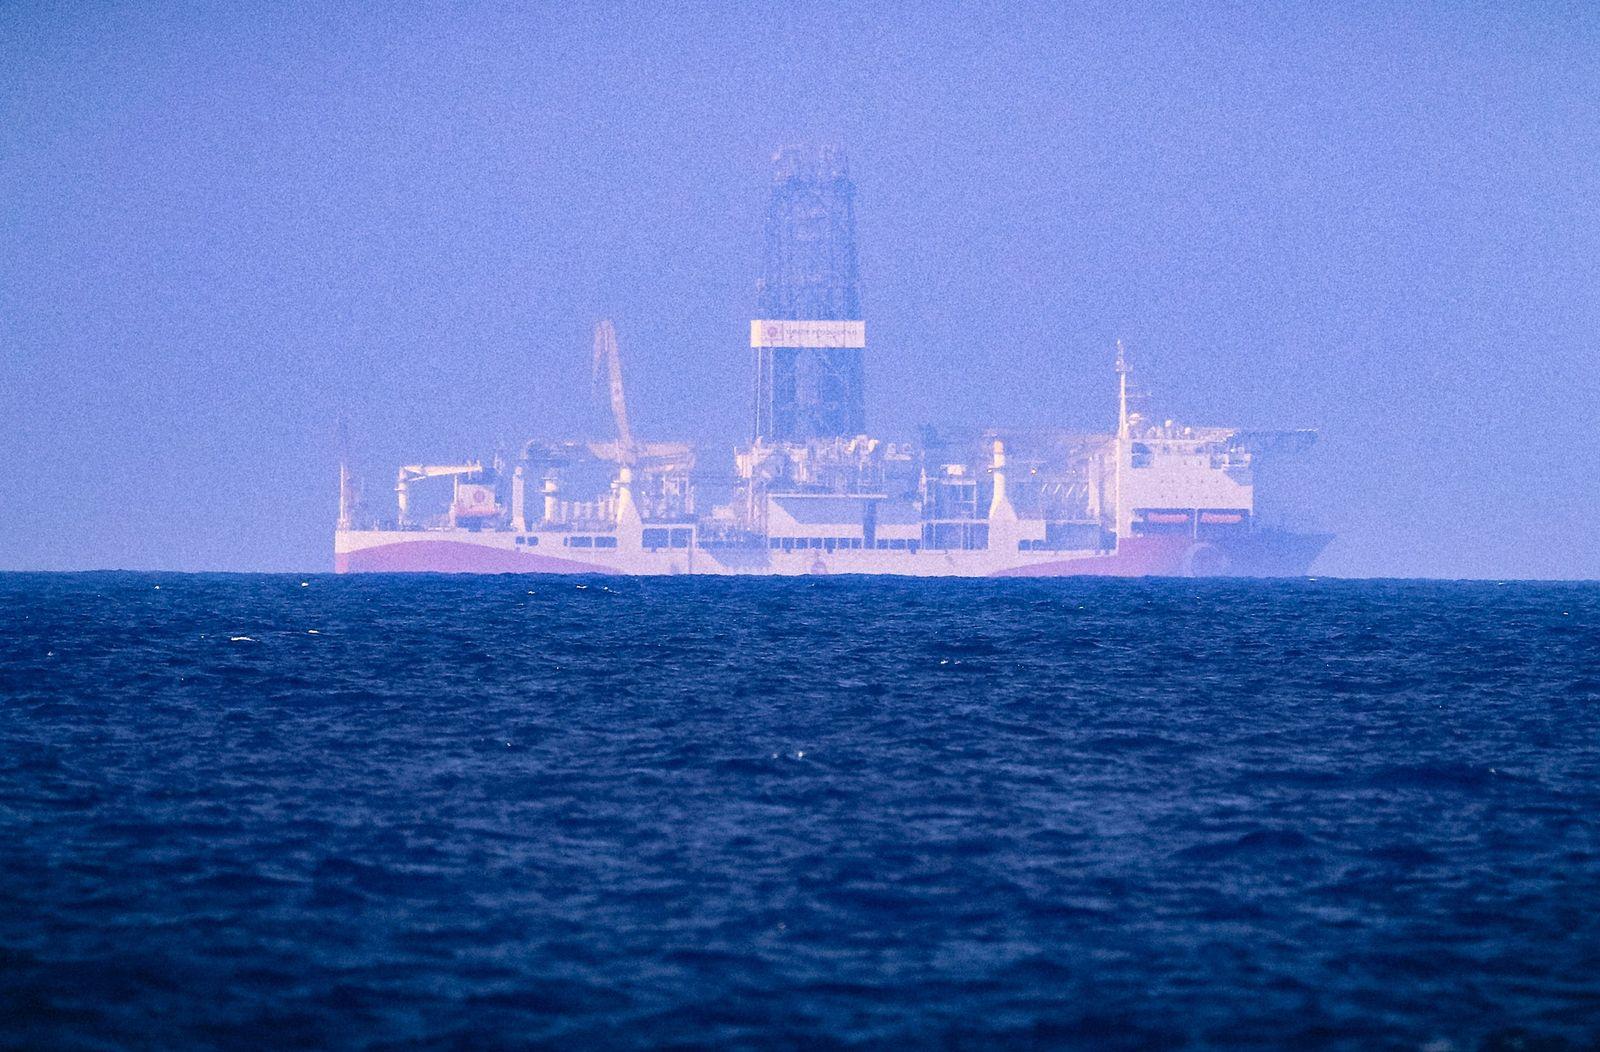 Türkei/Zypern/Gas/Mittelmeer